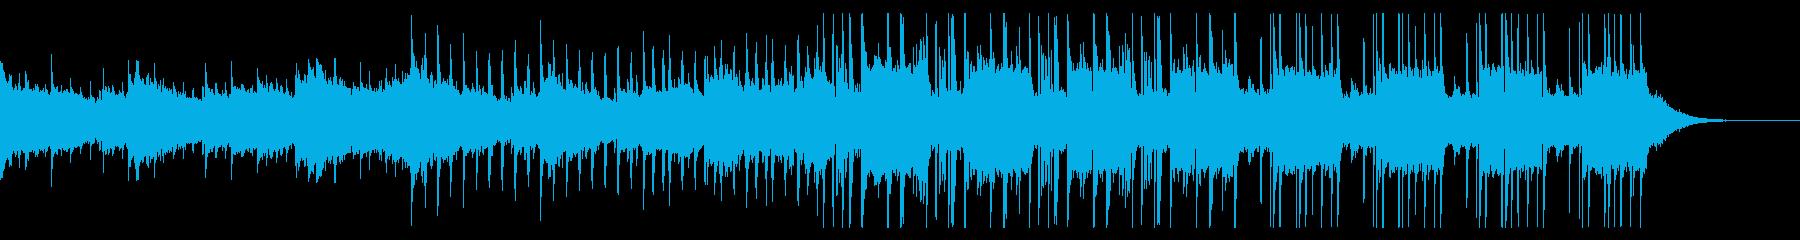 ボーカルチョップが可愛いシリアスPOPの再生済みの波形